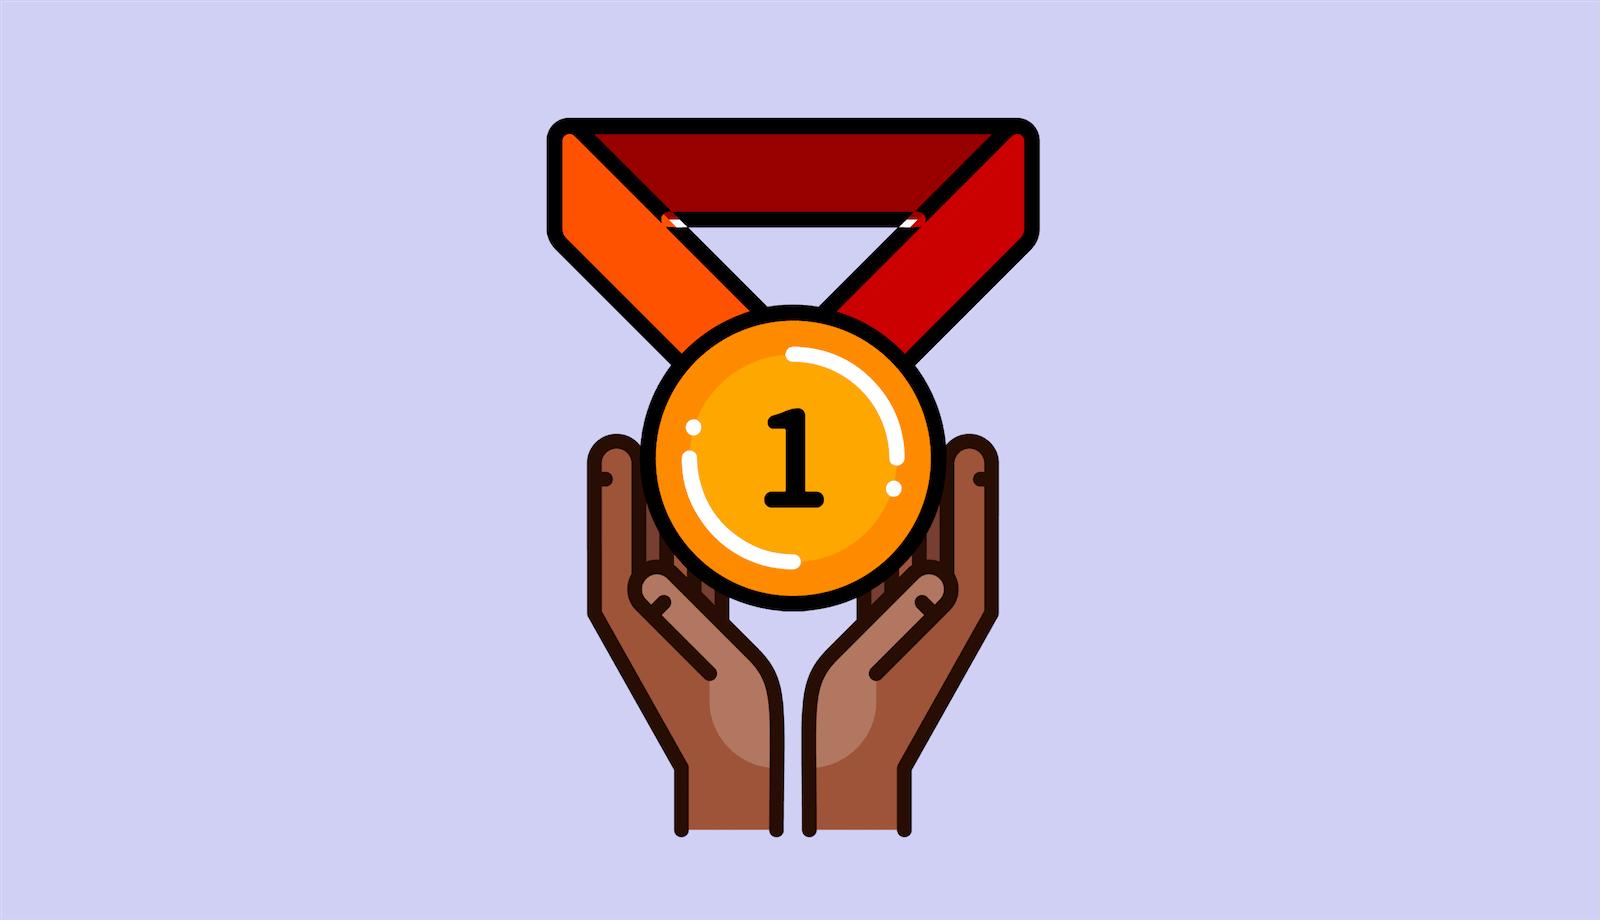 PUBGモバイル:ドン勝メダルの集め方、使い方